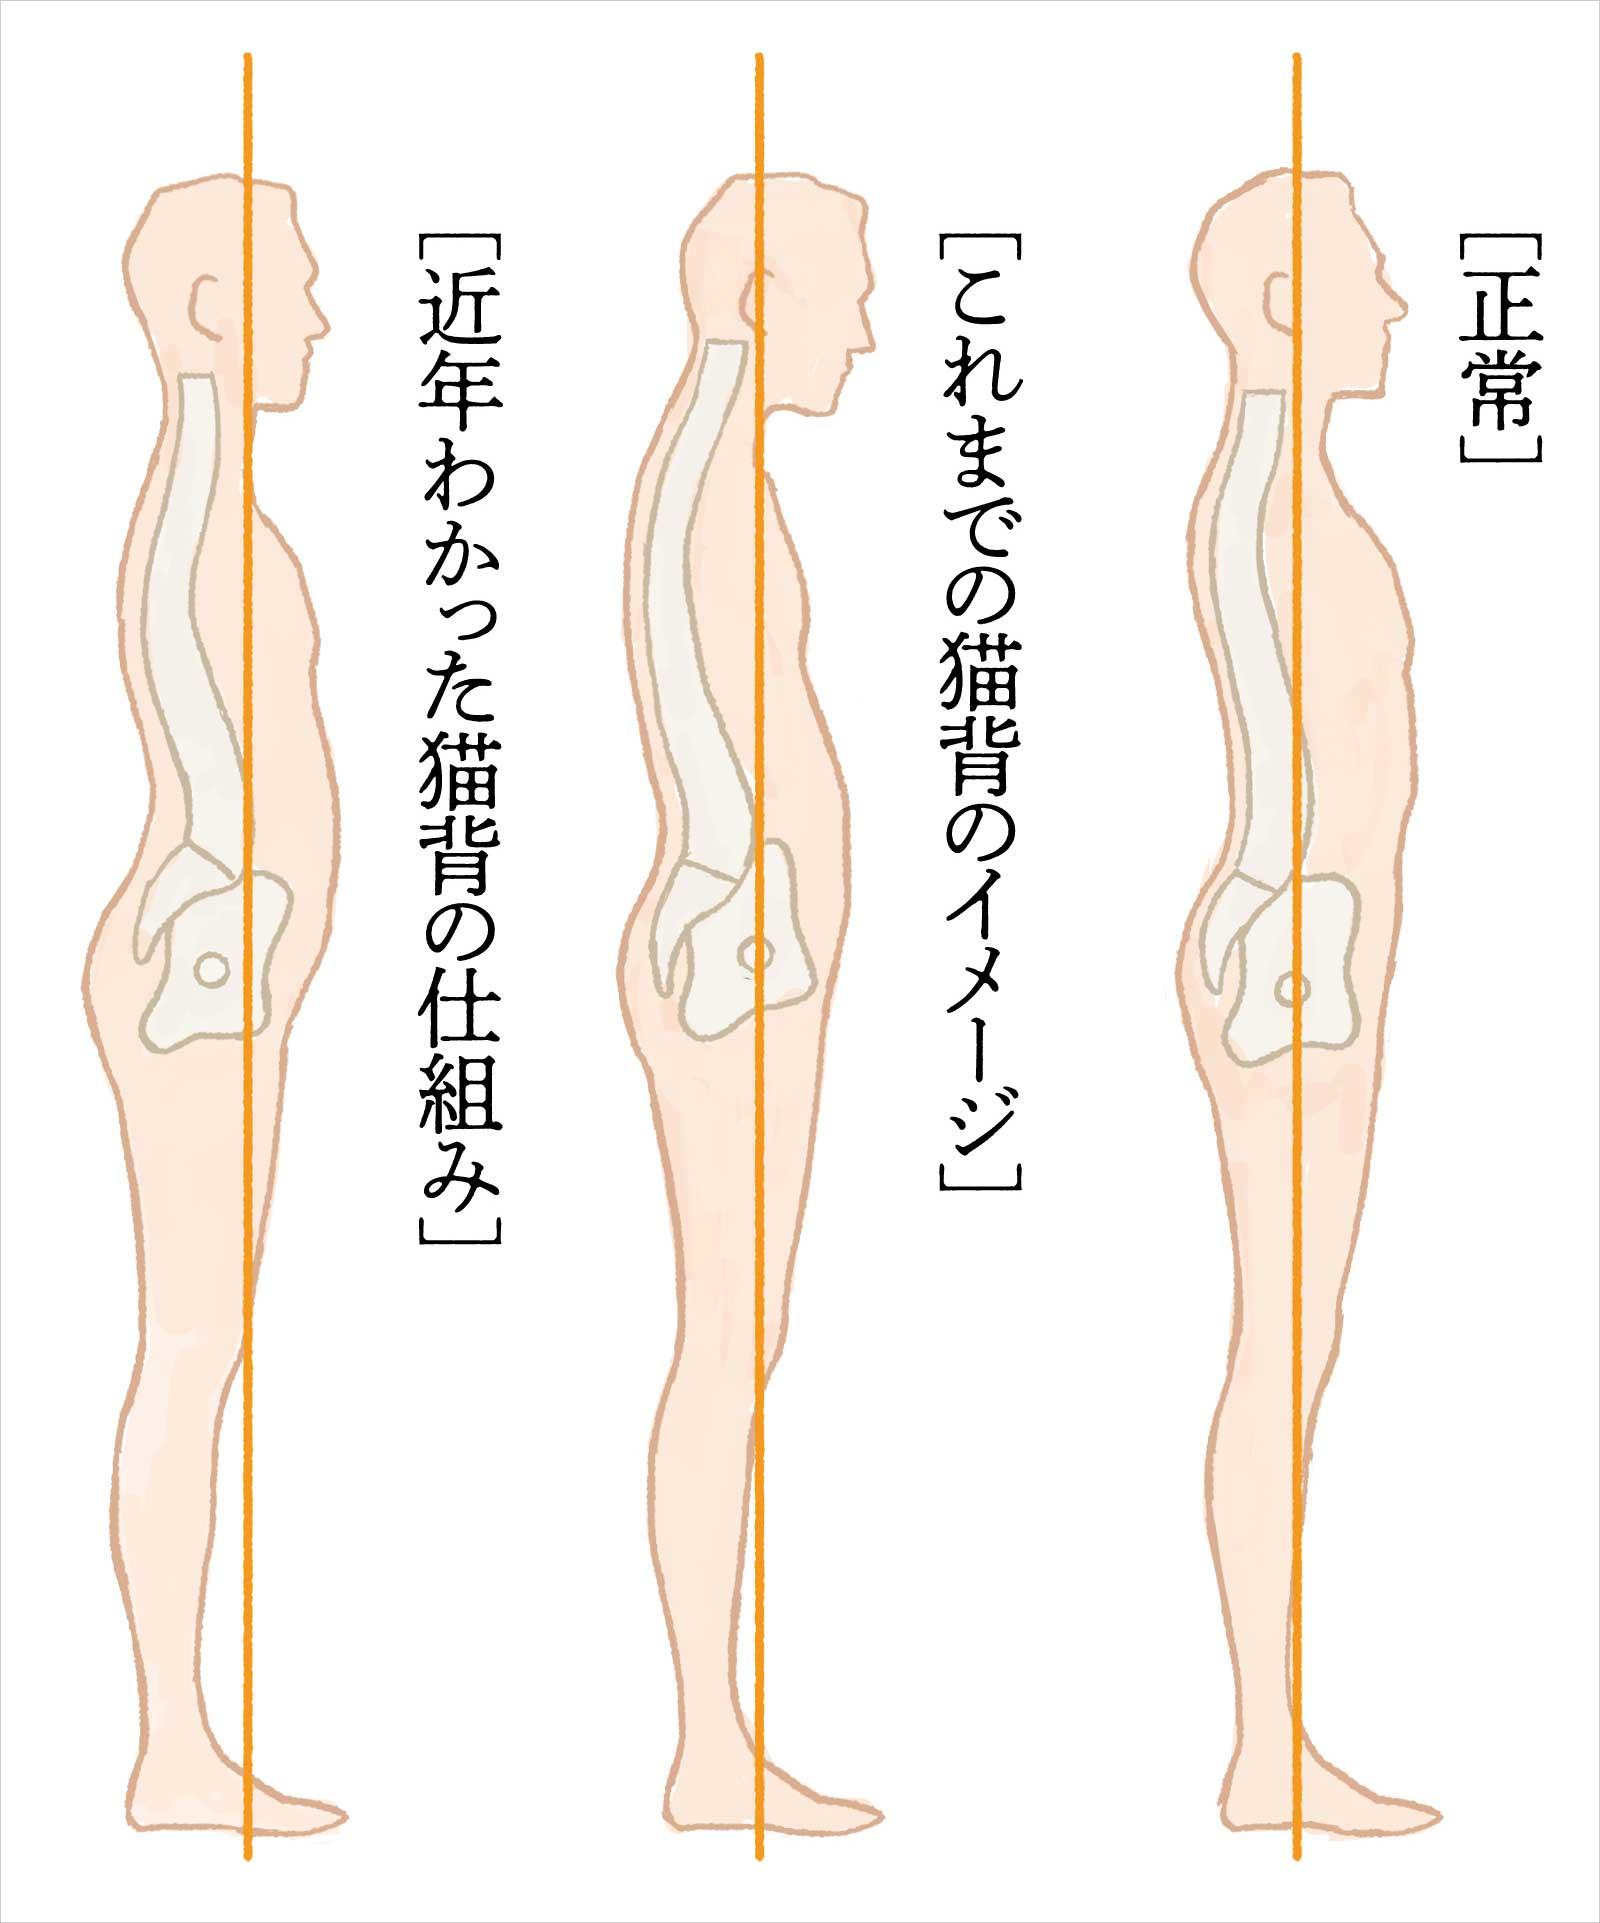 知っていますか? 骨盤の傾きと猫背の関係。